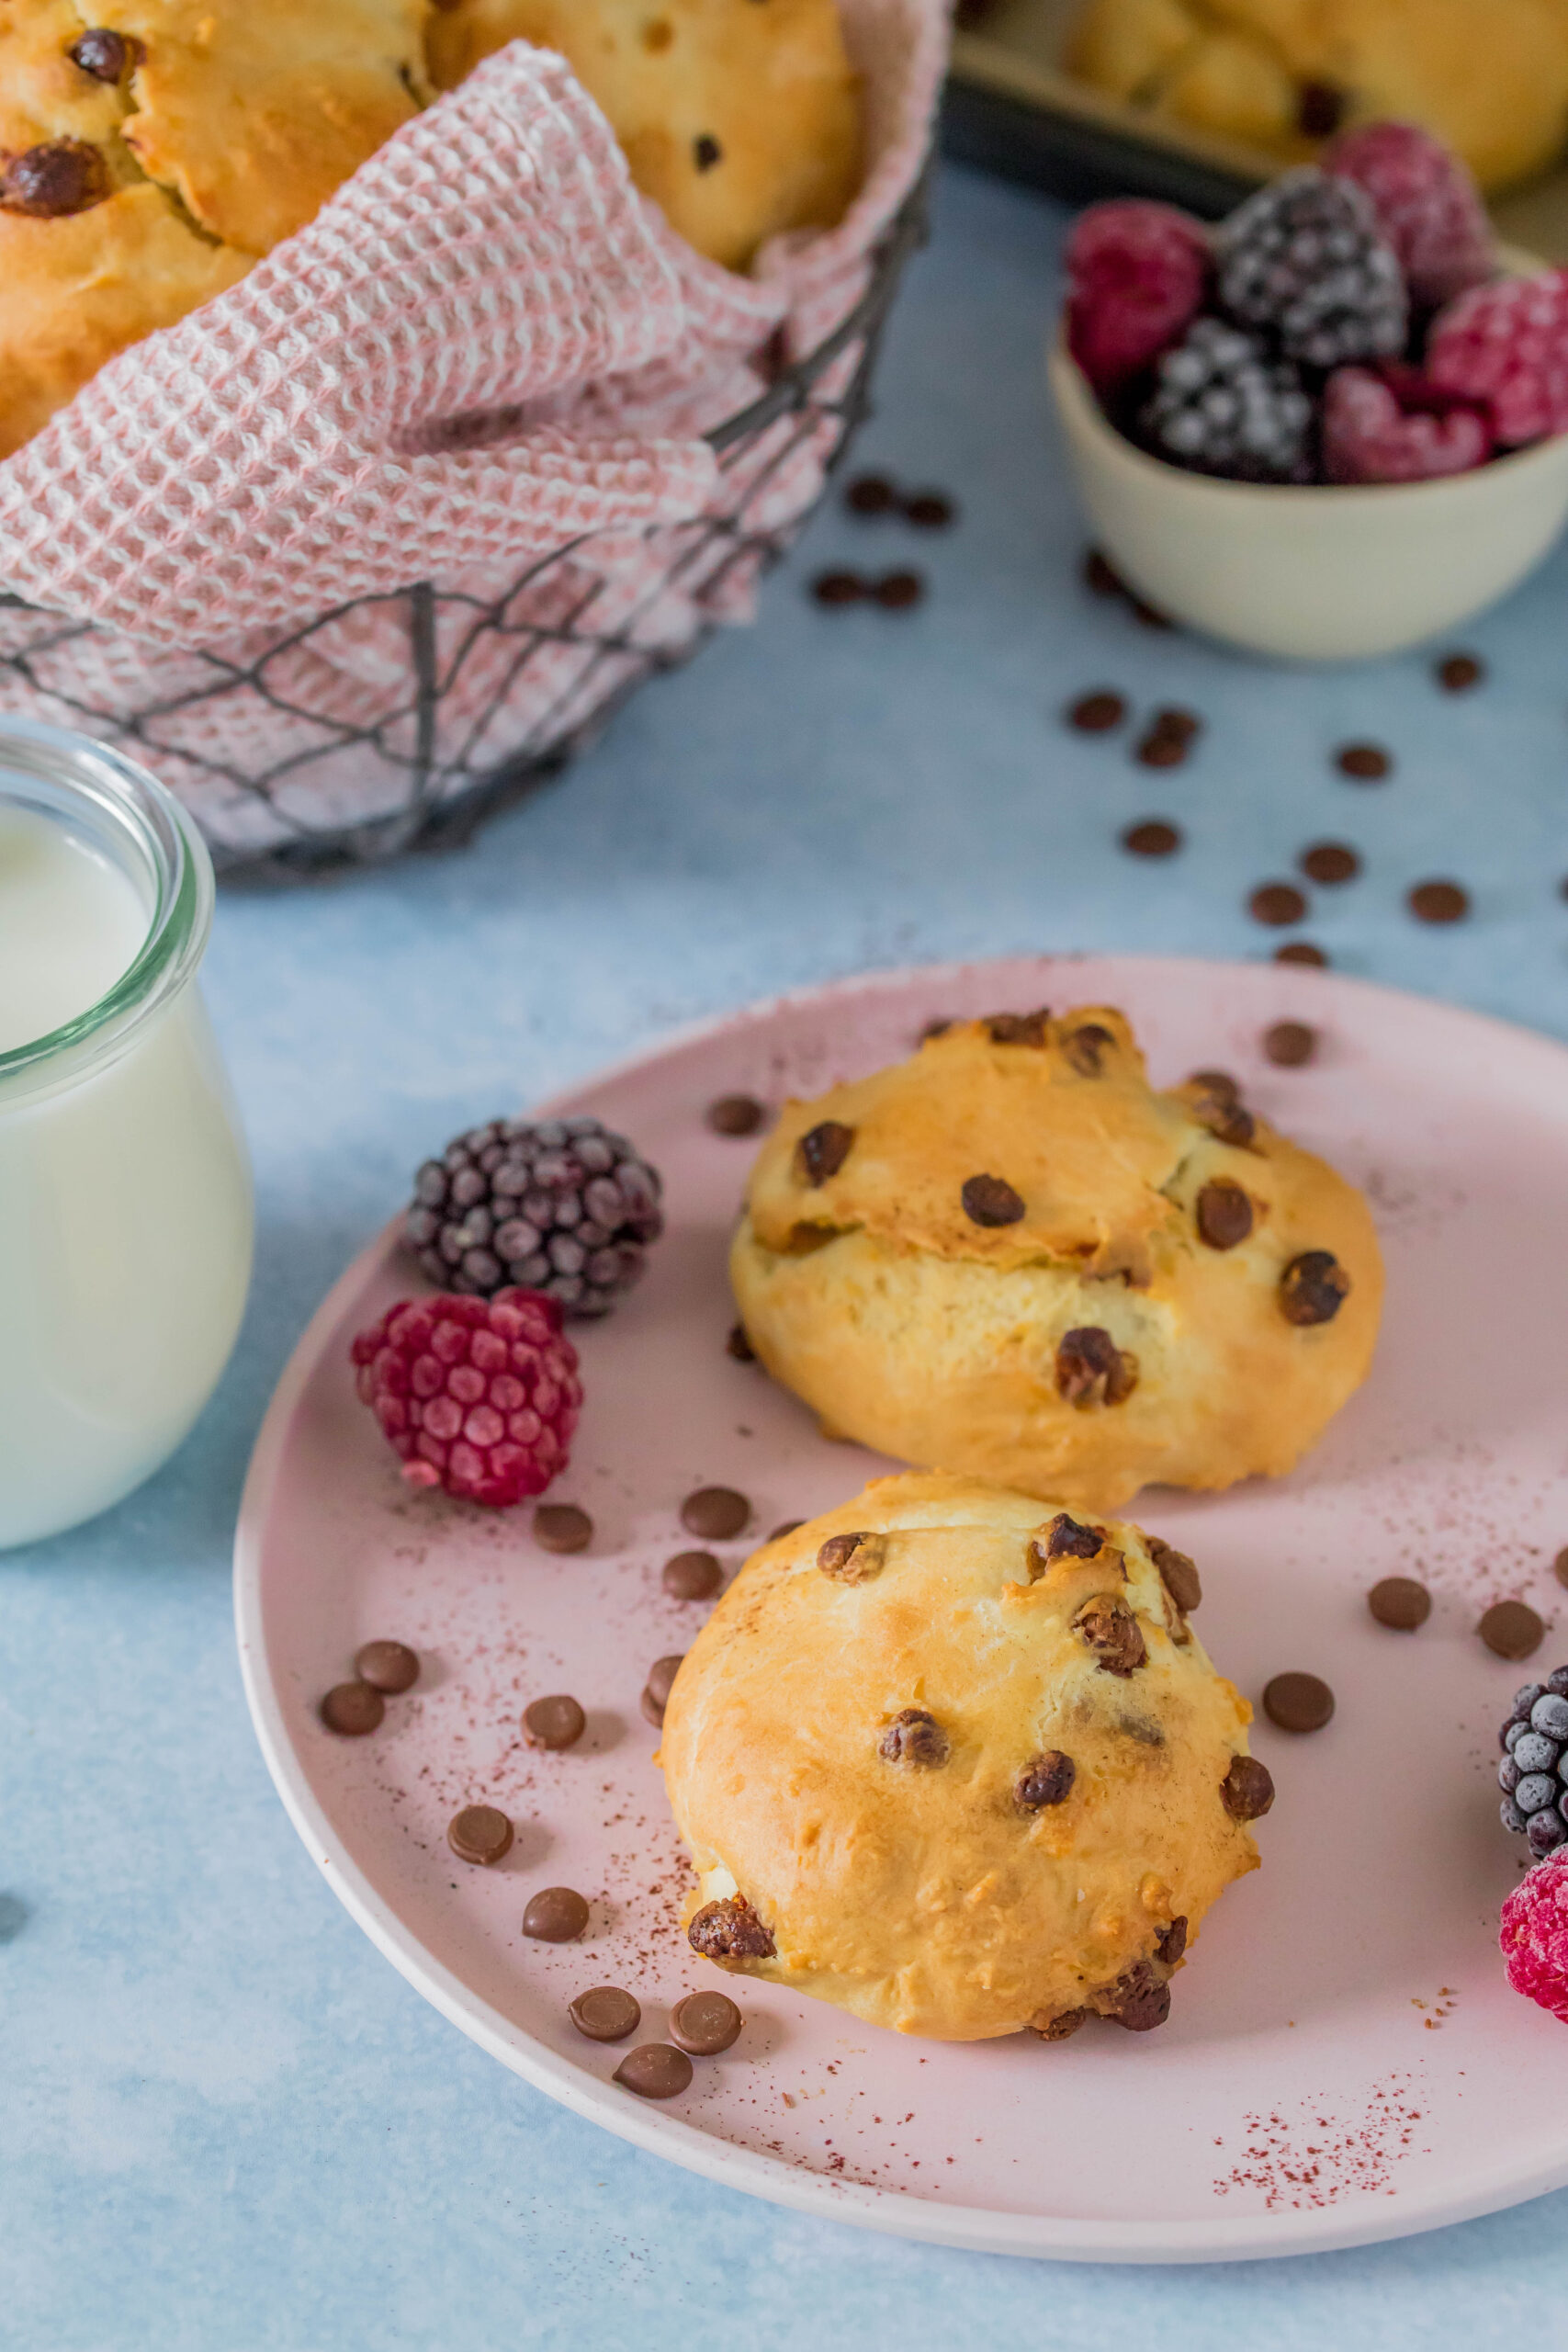 Leckere Schoko-Quarkbrötchen ohne Zuckerzusatz. Perfekt für Kinder